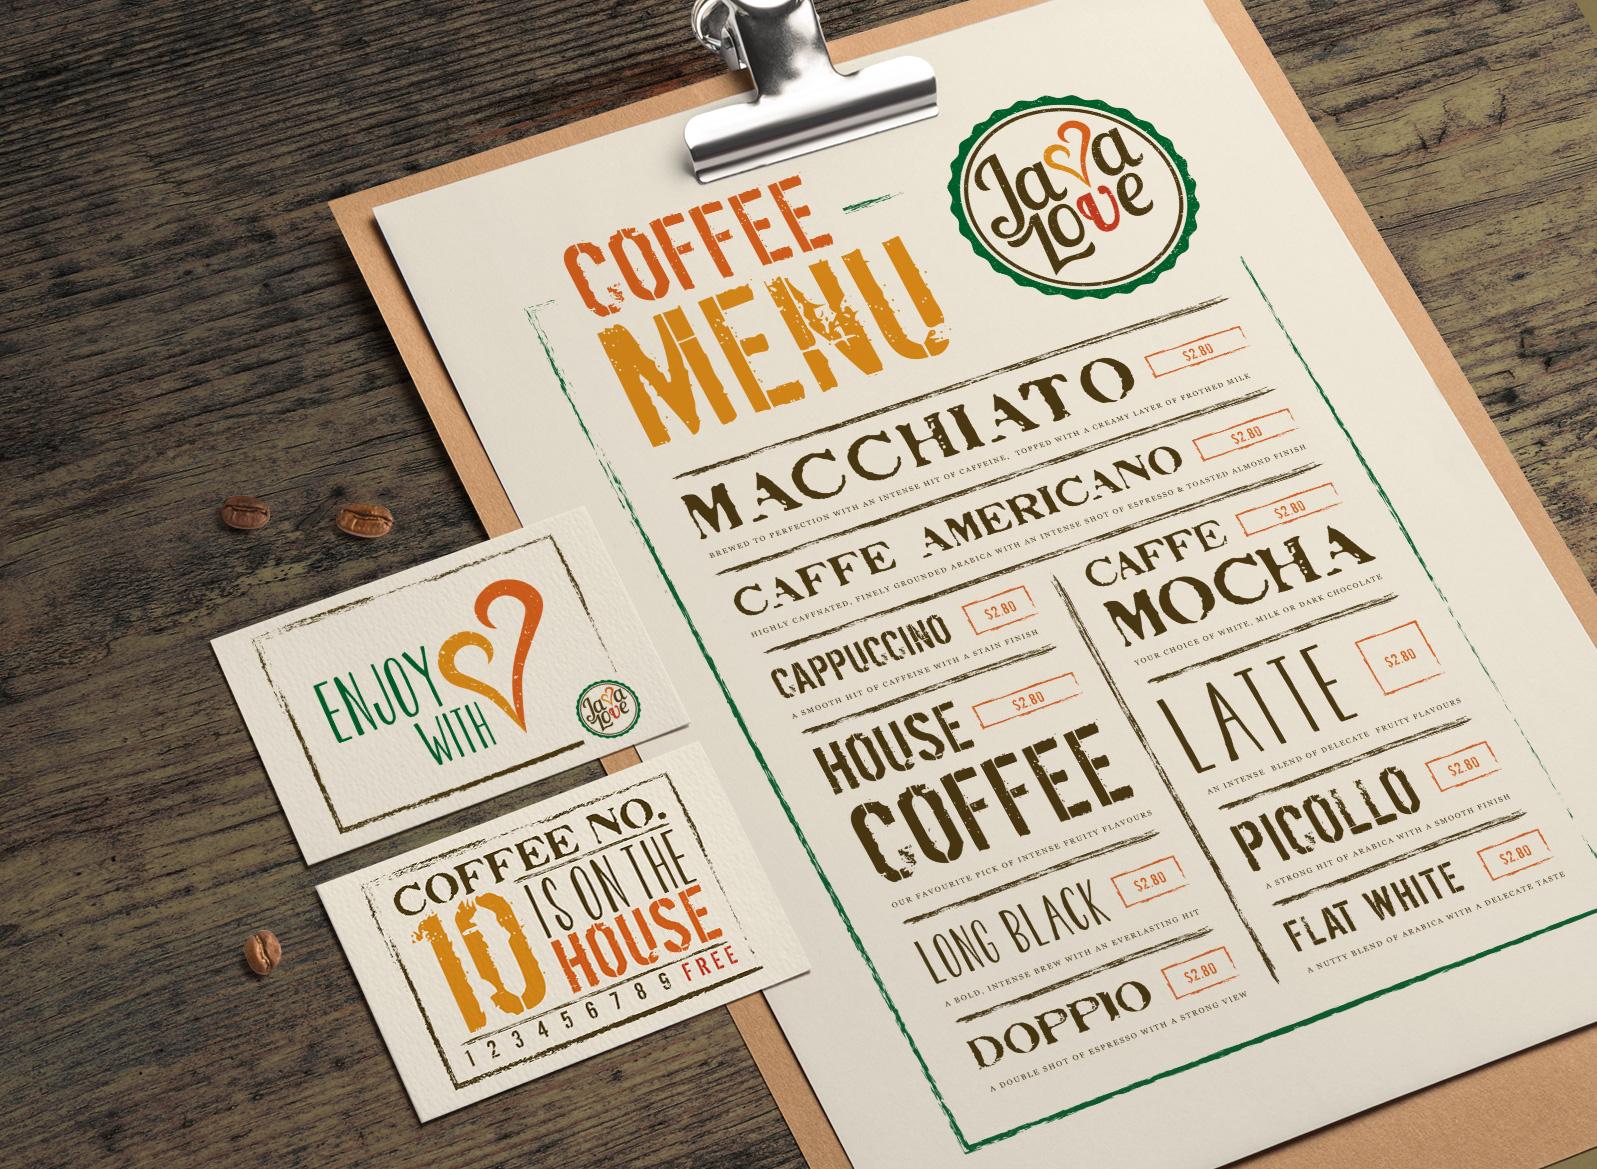 JavaLove-menu-card